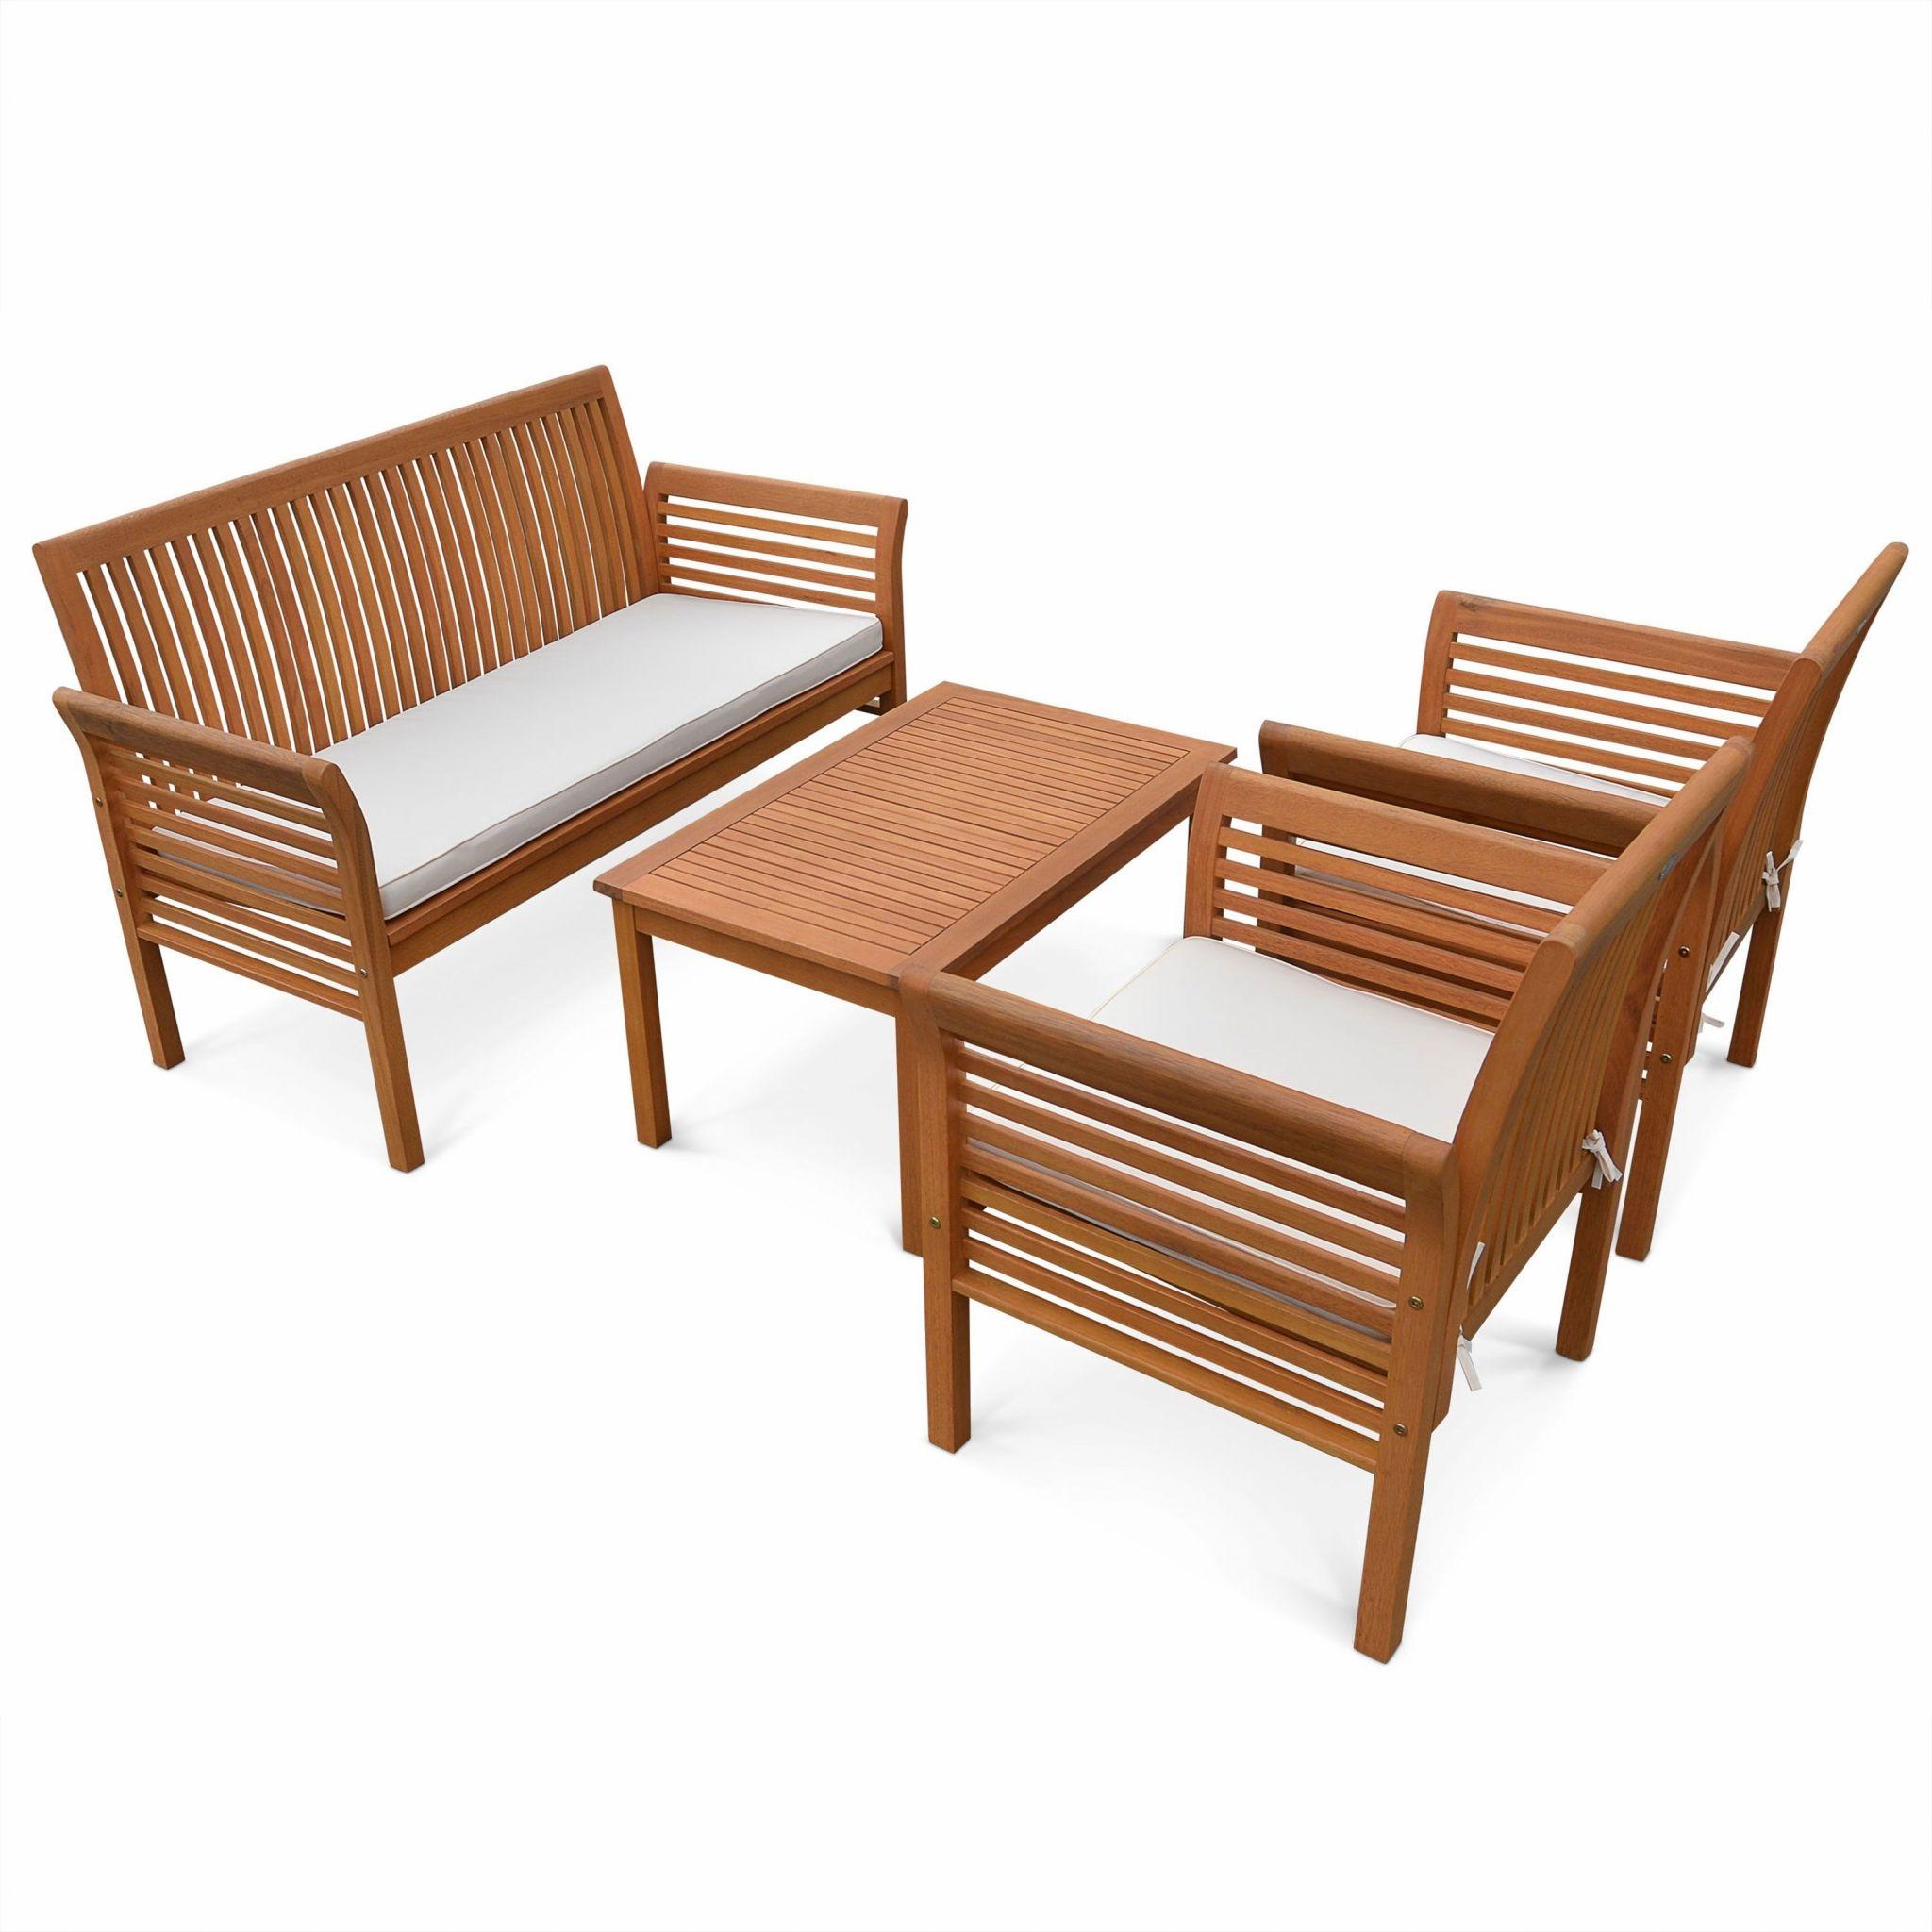 table jardin encastrable resine ainsi que salon jardin bois pas cher mobilier de terrasse maisonjoffrois et de table jardin encastrable resine 1